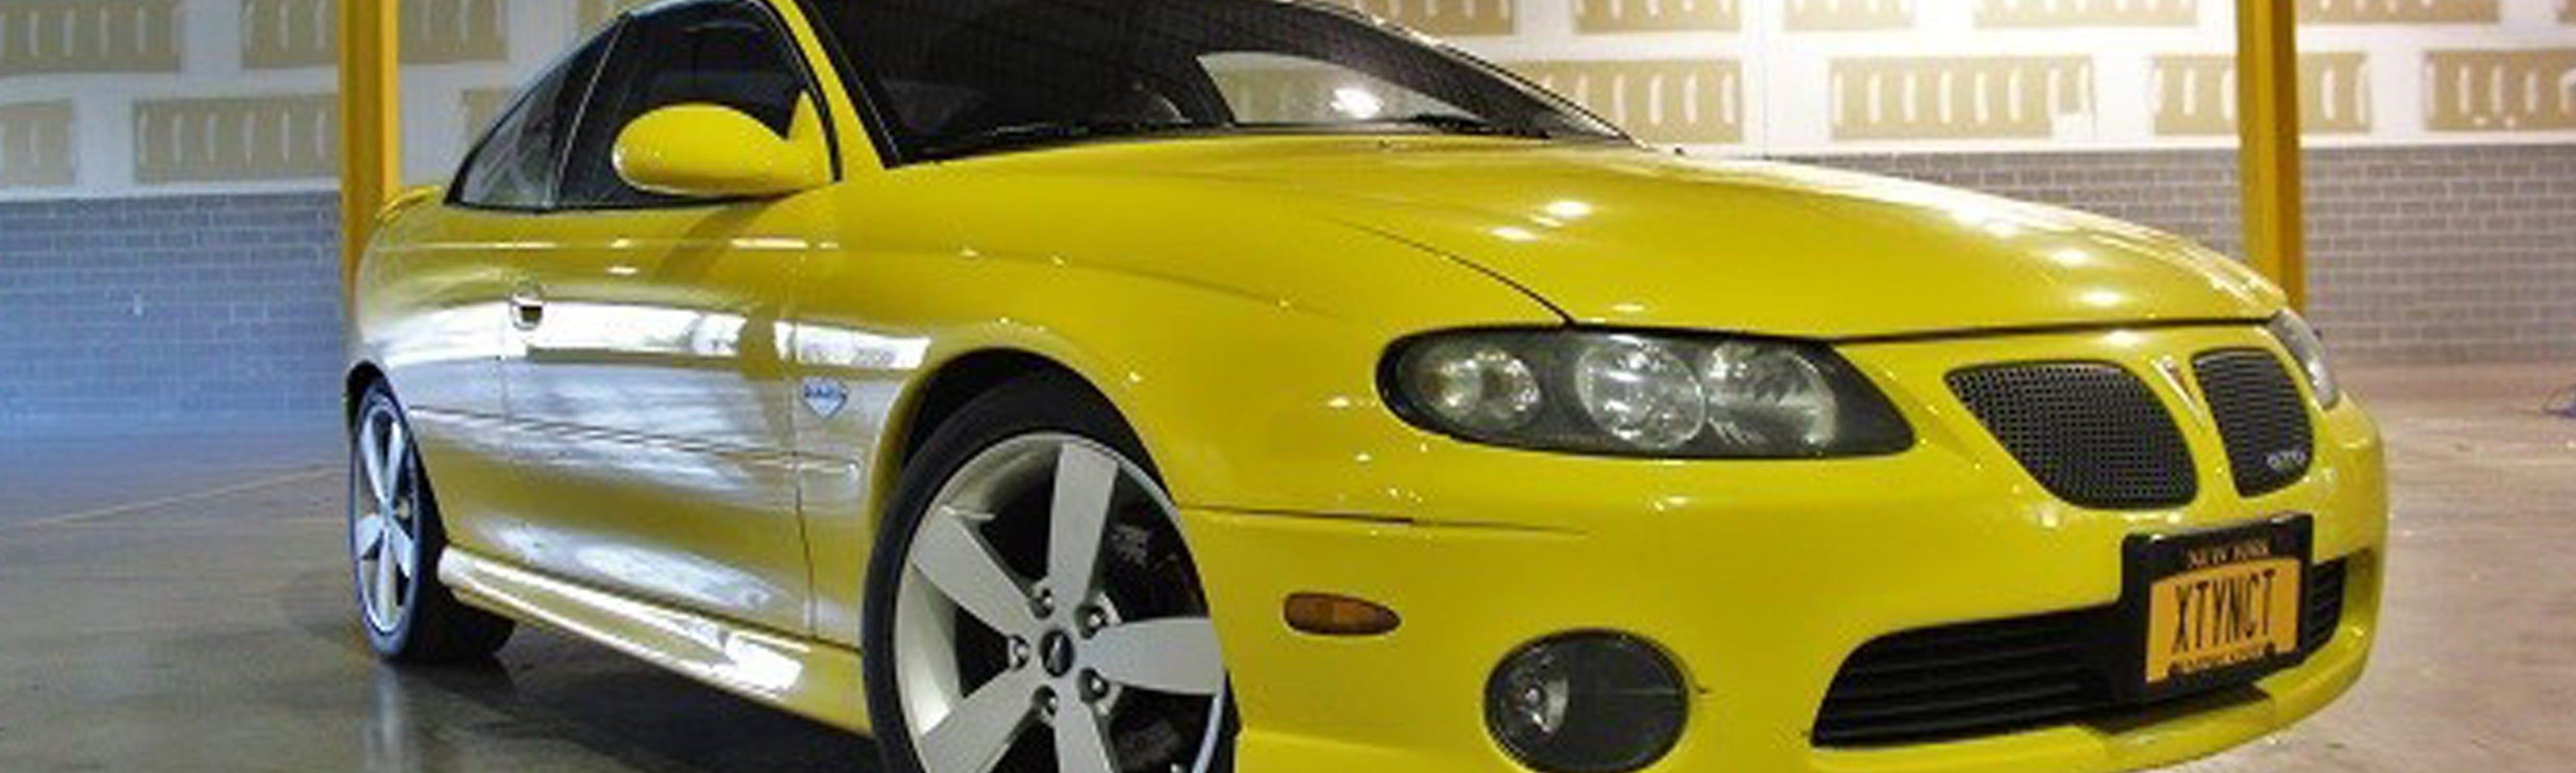 Pontiac Performance Parts